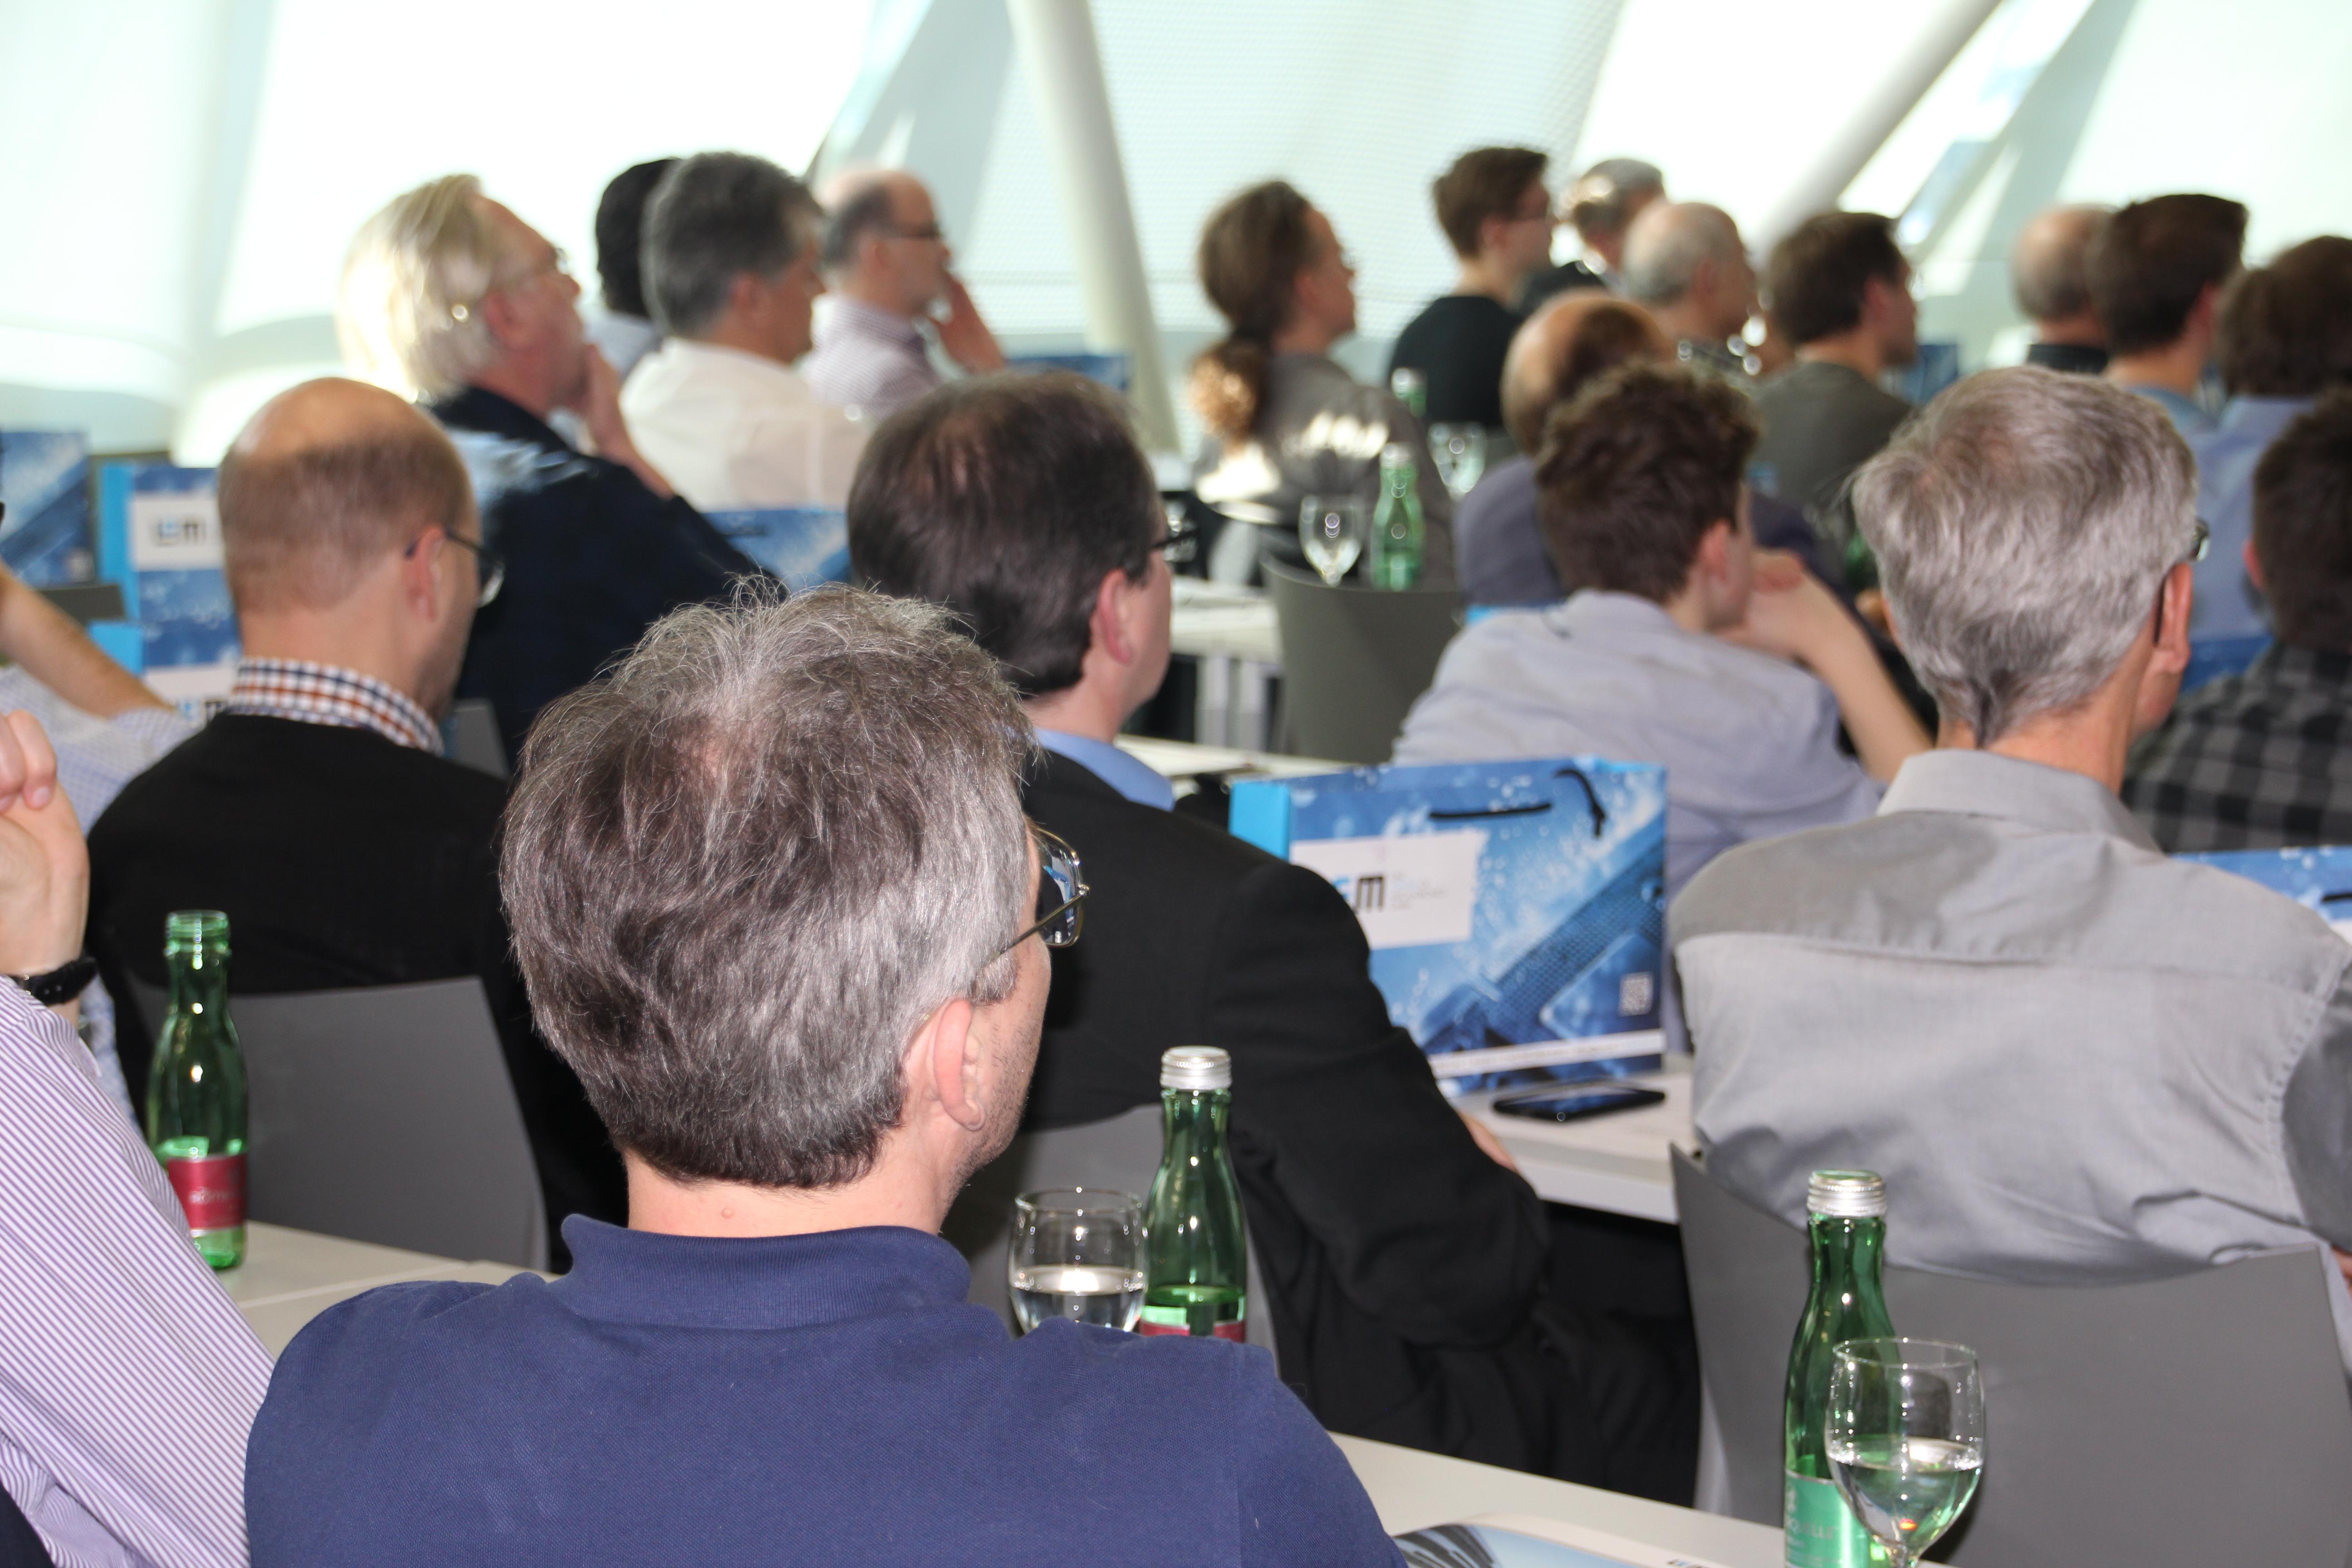 Fachexkursion der Technologie- und Innovationspartner NÖ (TIP NÖ): Auf Besuch bei LCM